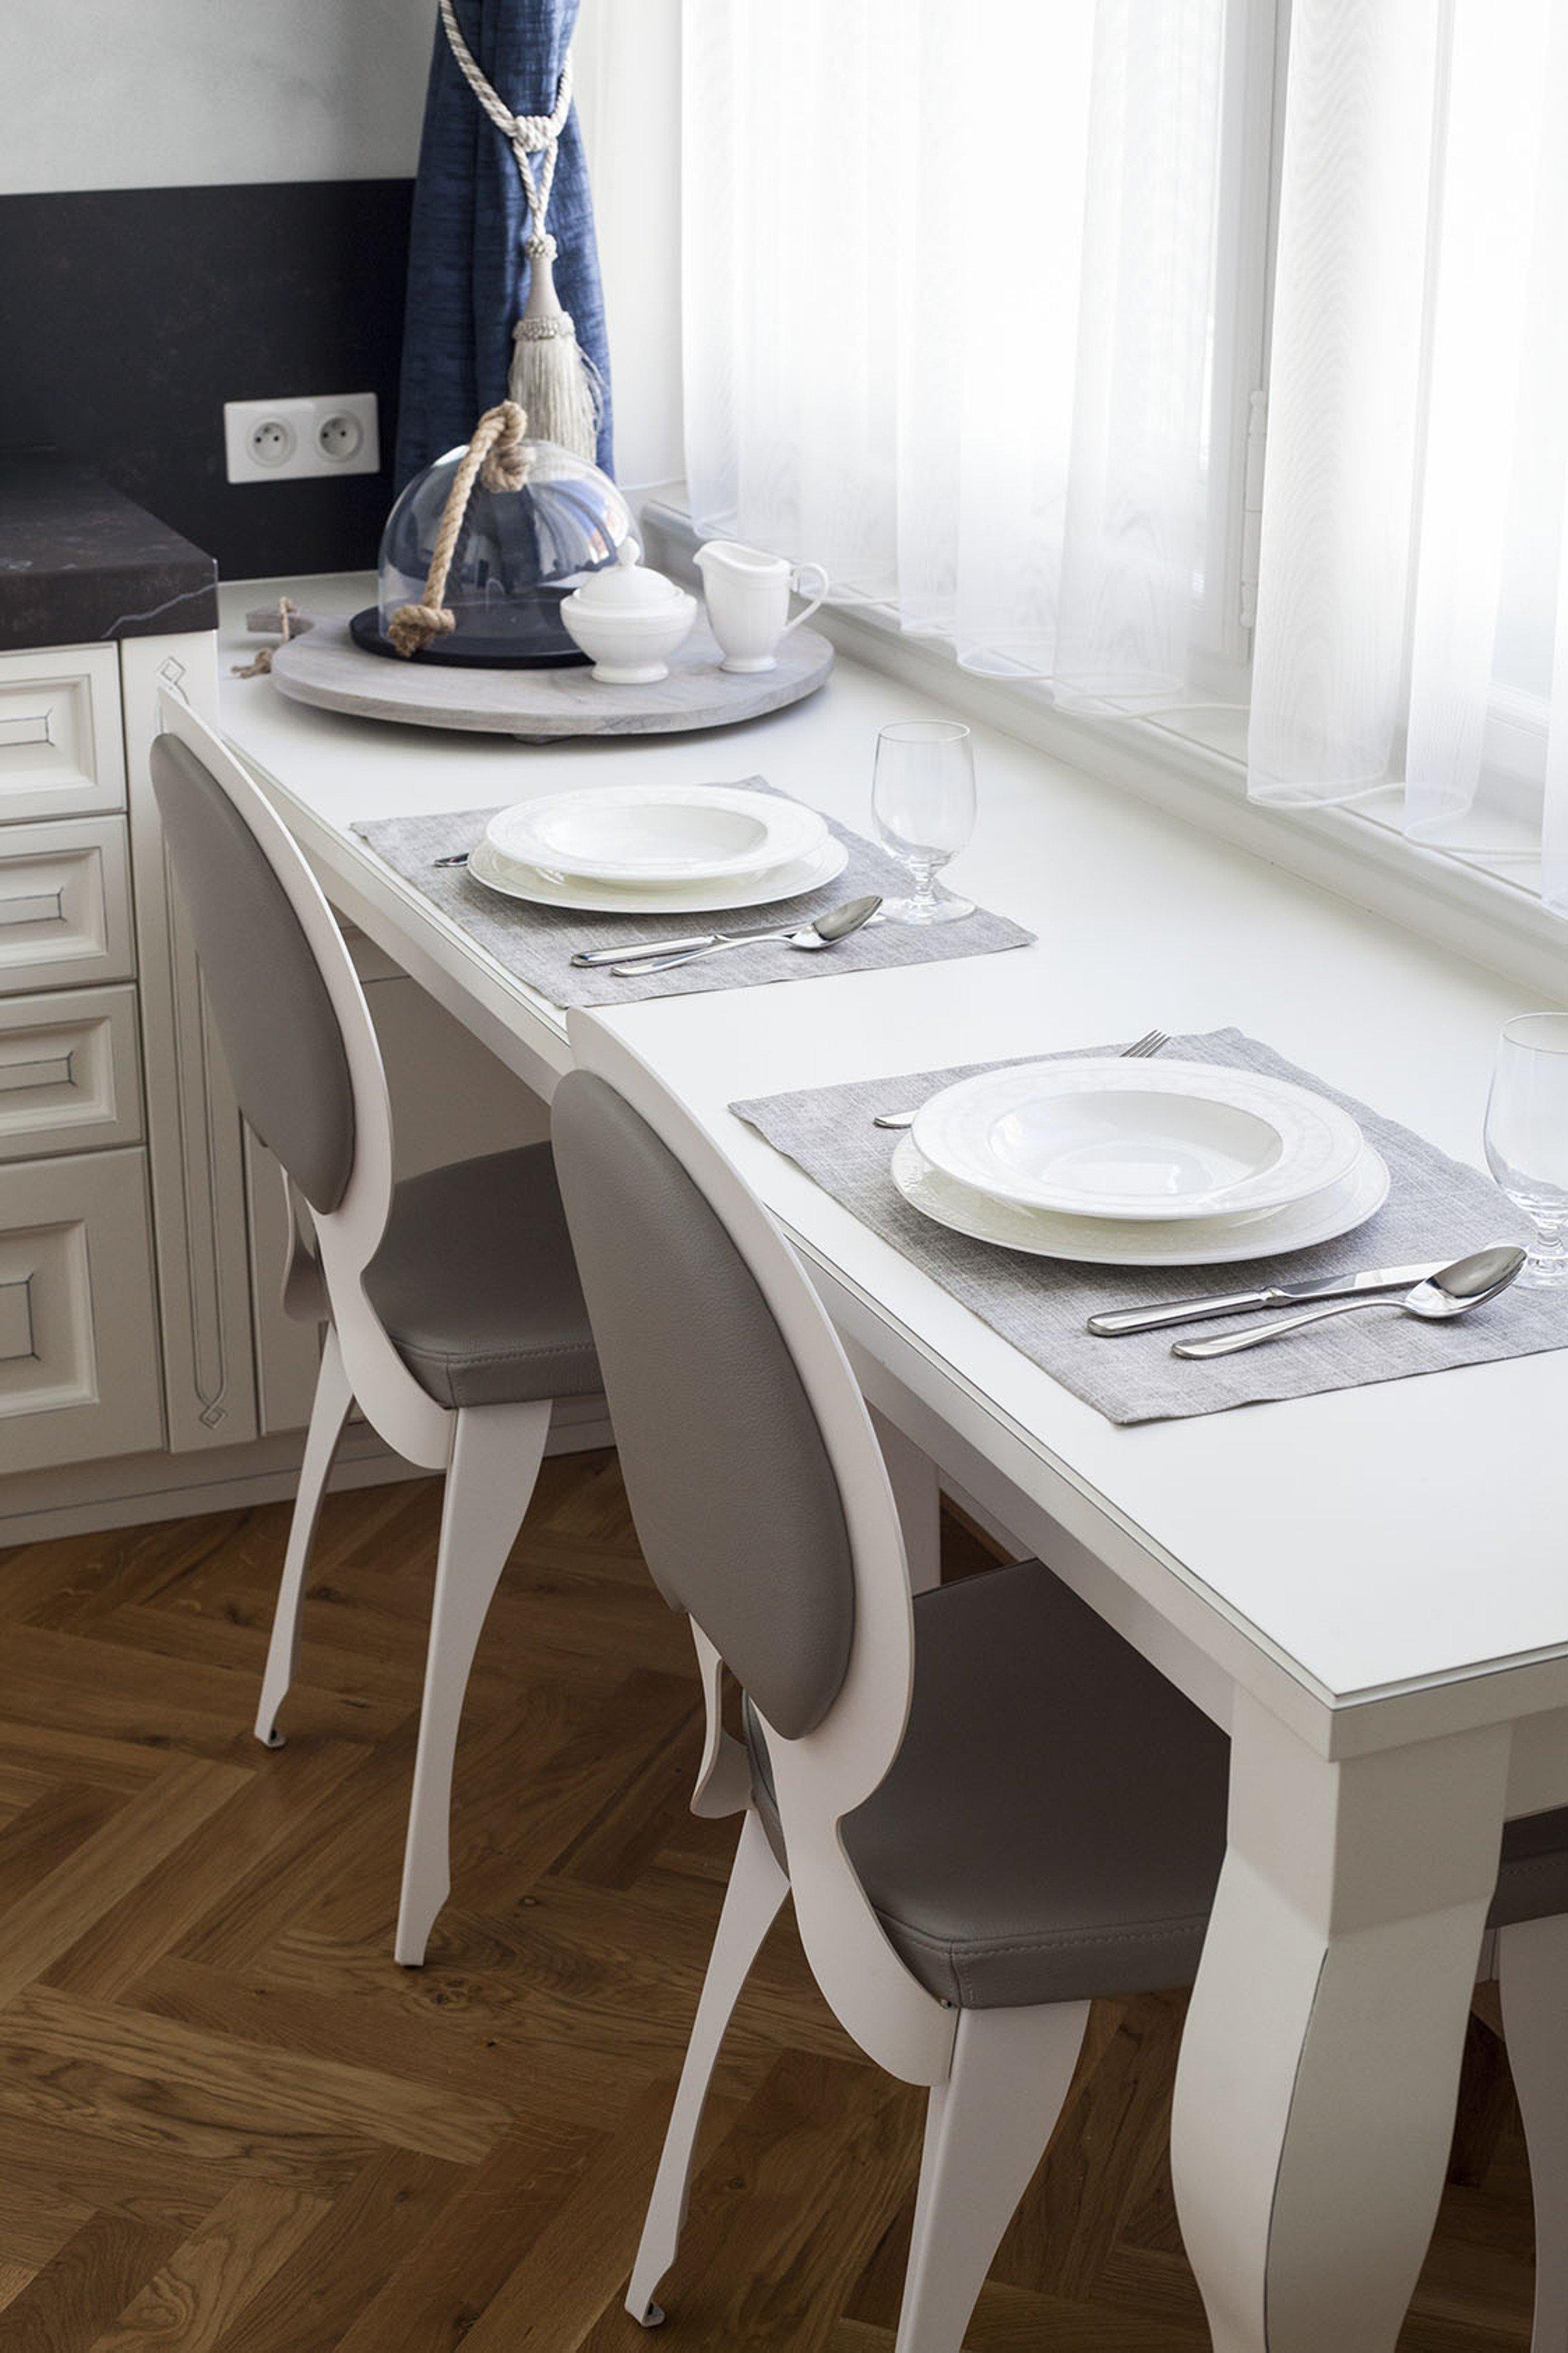 Zdařilá rekonstukce bytu z třicátech let. Nábytek Hanák v materiálu: lak bílá patina, vkusně doplňují svetla Brokis a vhodně vybrané tapety a závěsy.